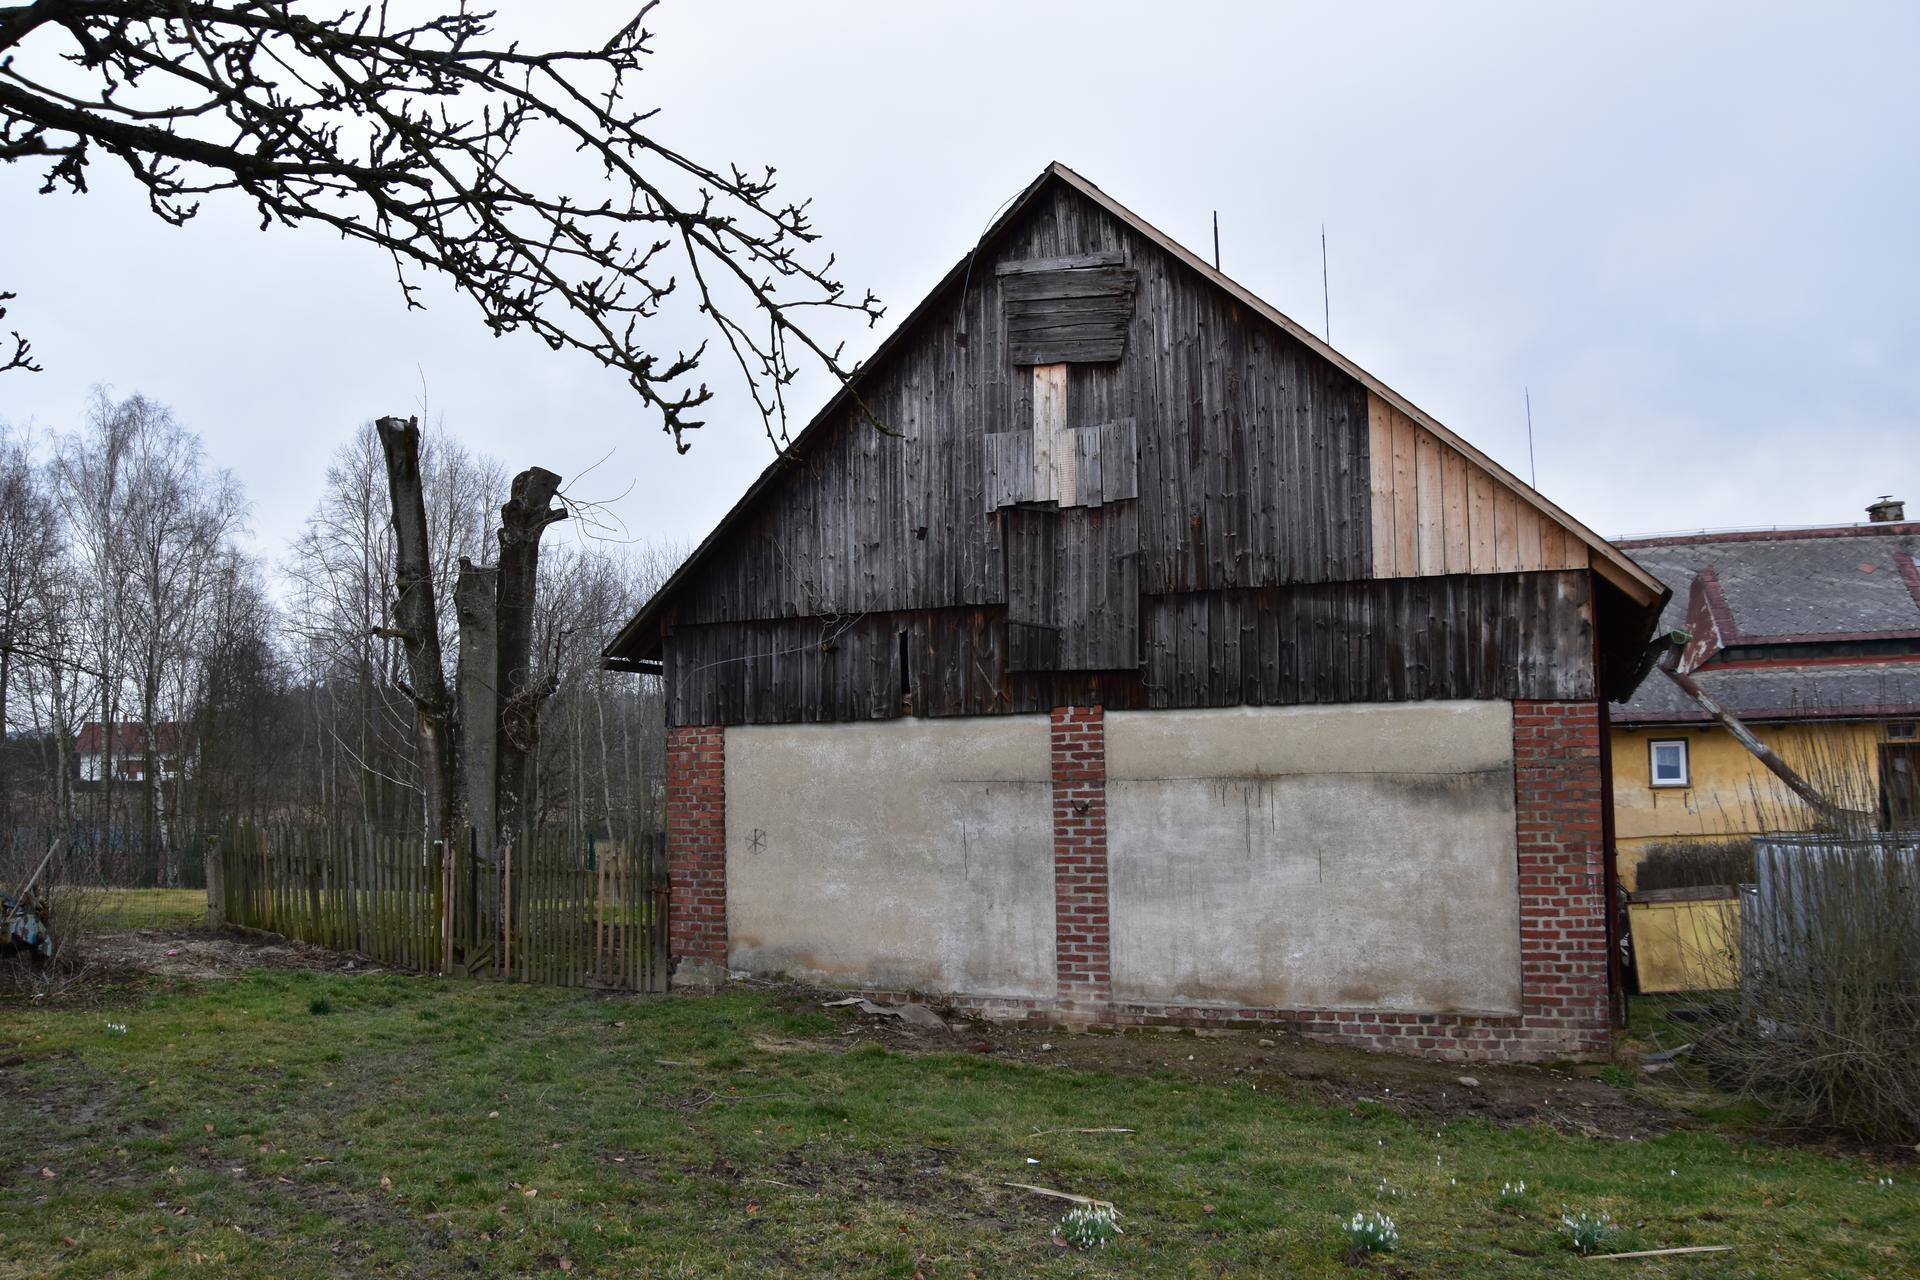 Tak dnes začínáme s přestavbou stodoly . - Obrázek č. 2